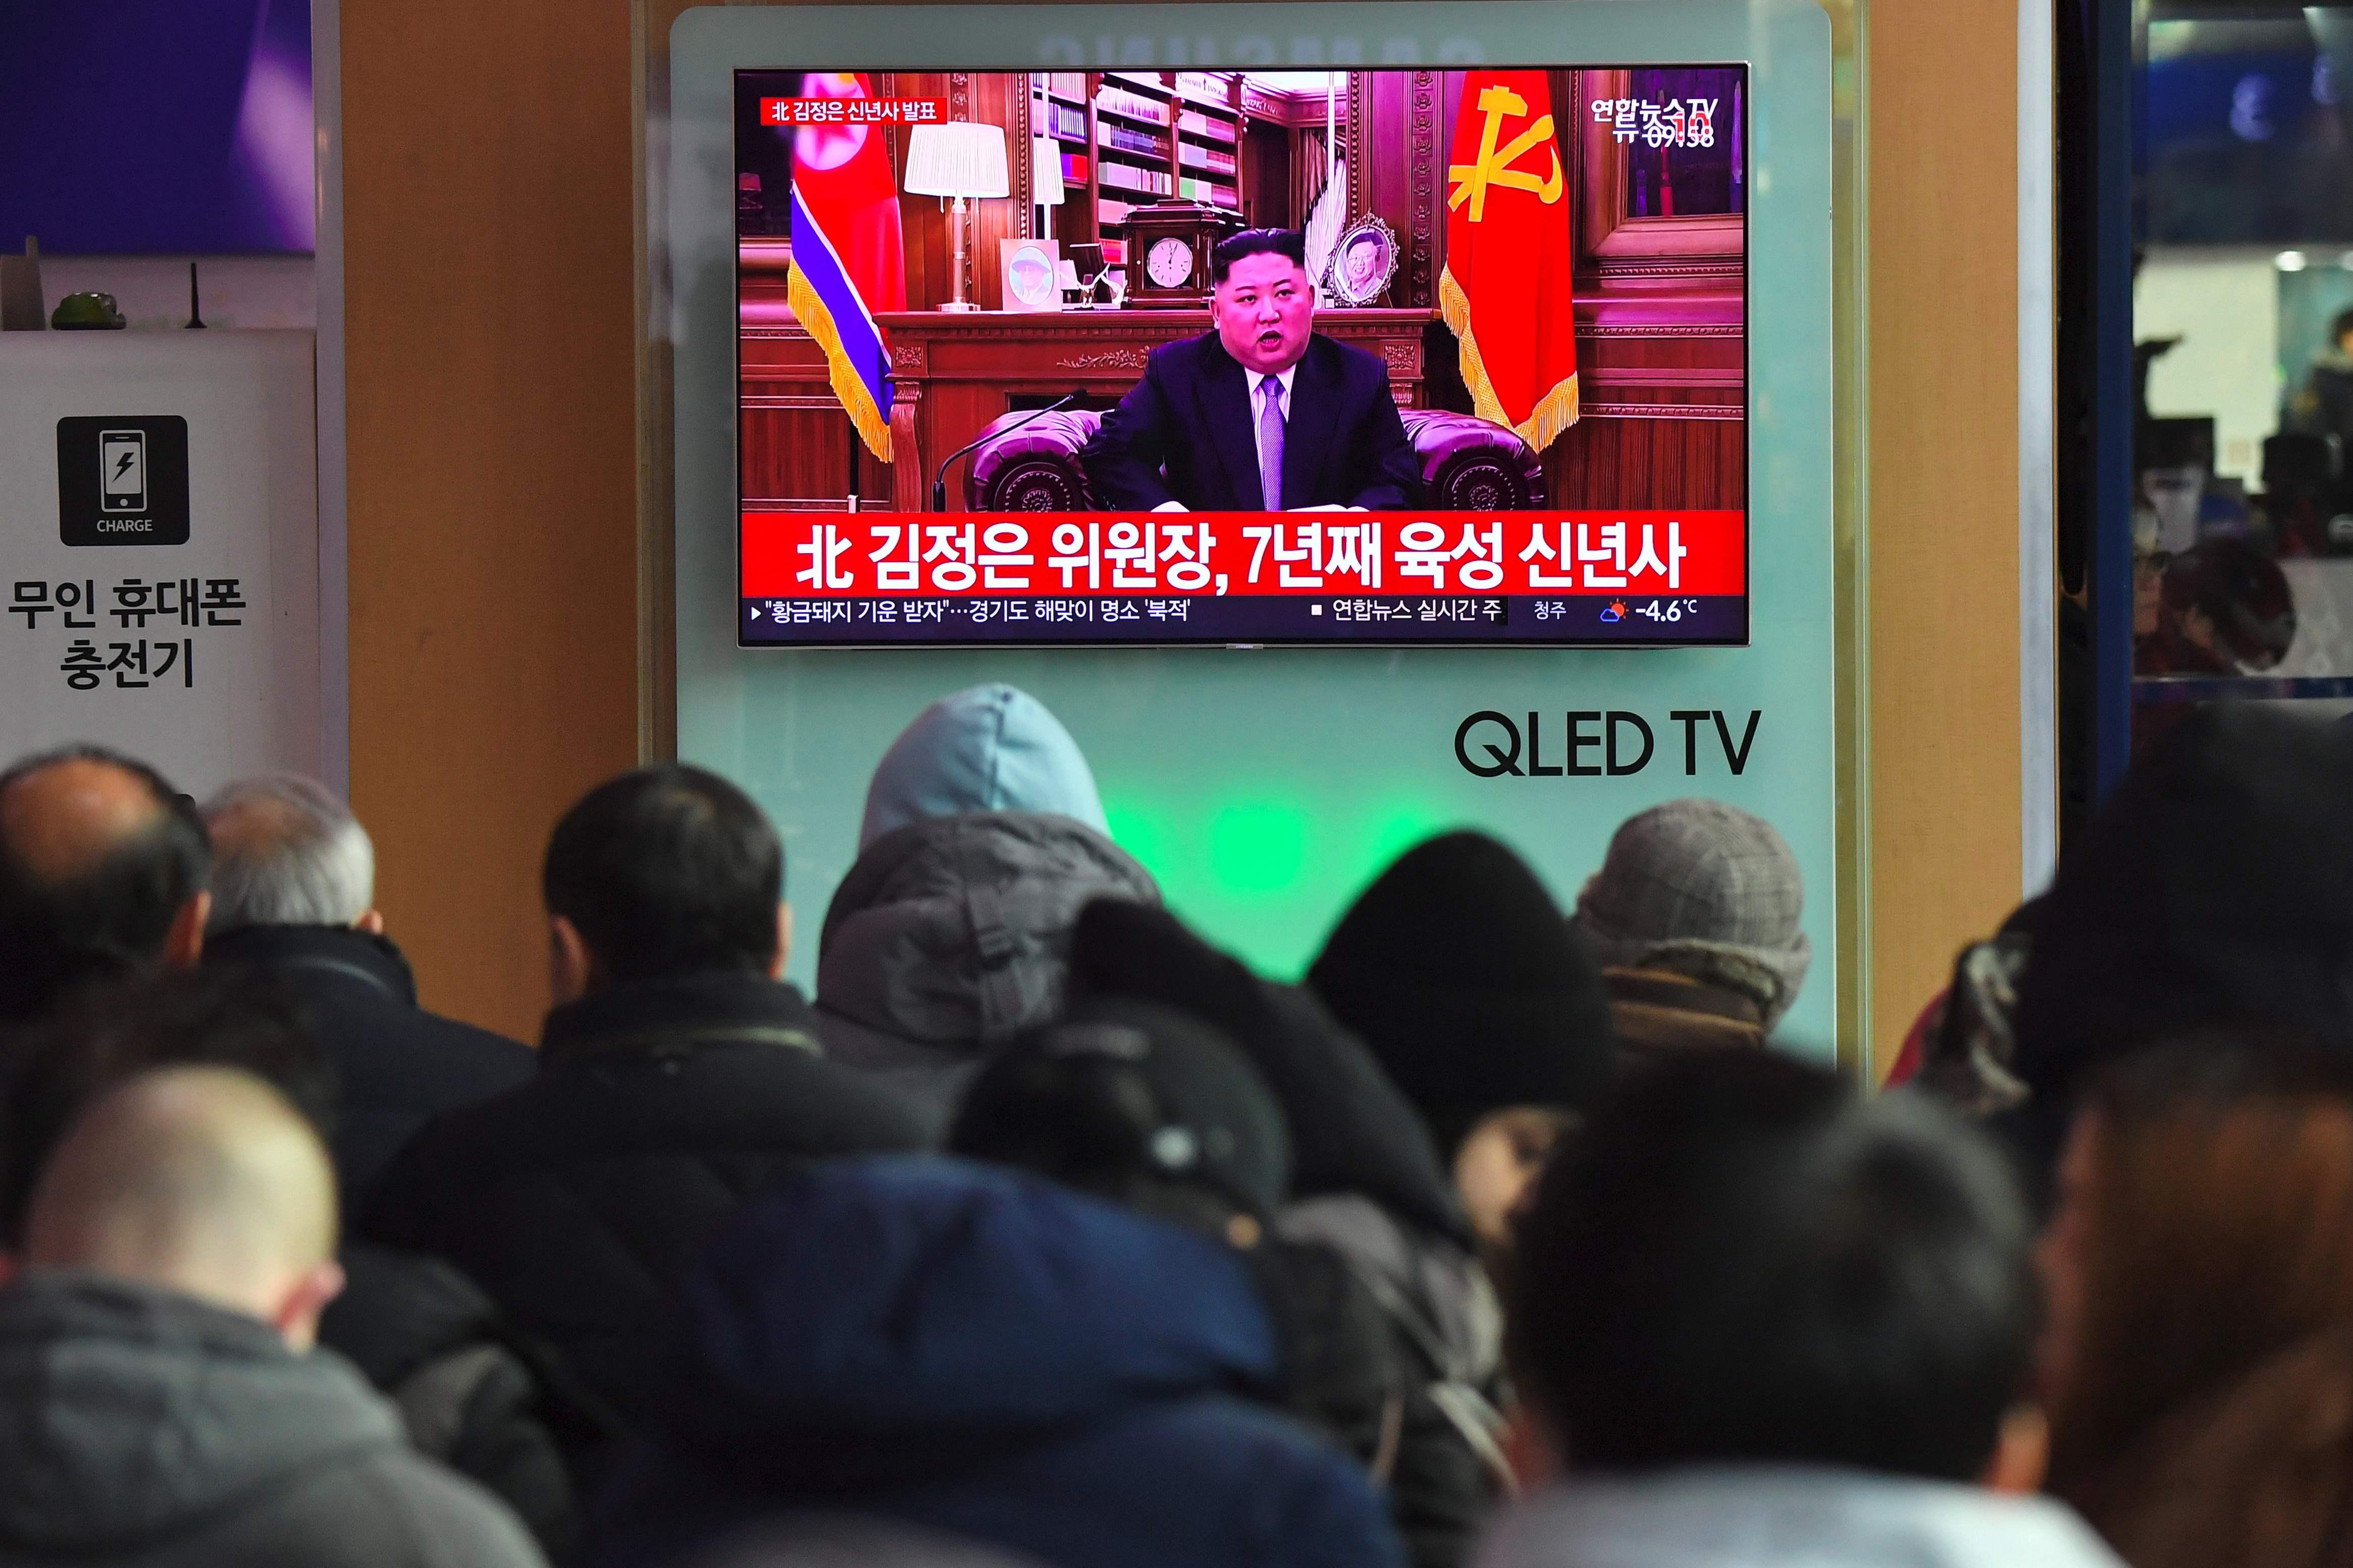 زعيم كوريا الشمالية: قد نغير نهجنا إذا أبقت أمريكا العقوبات